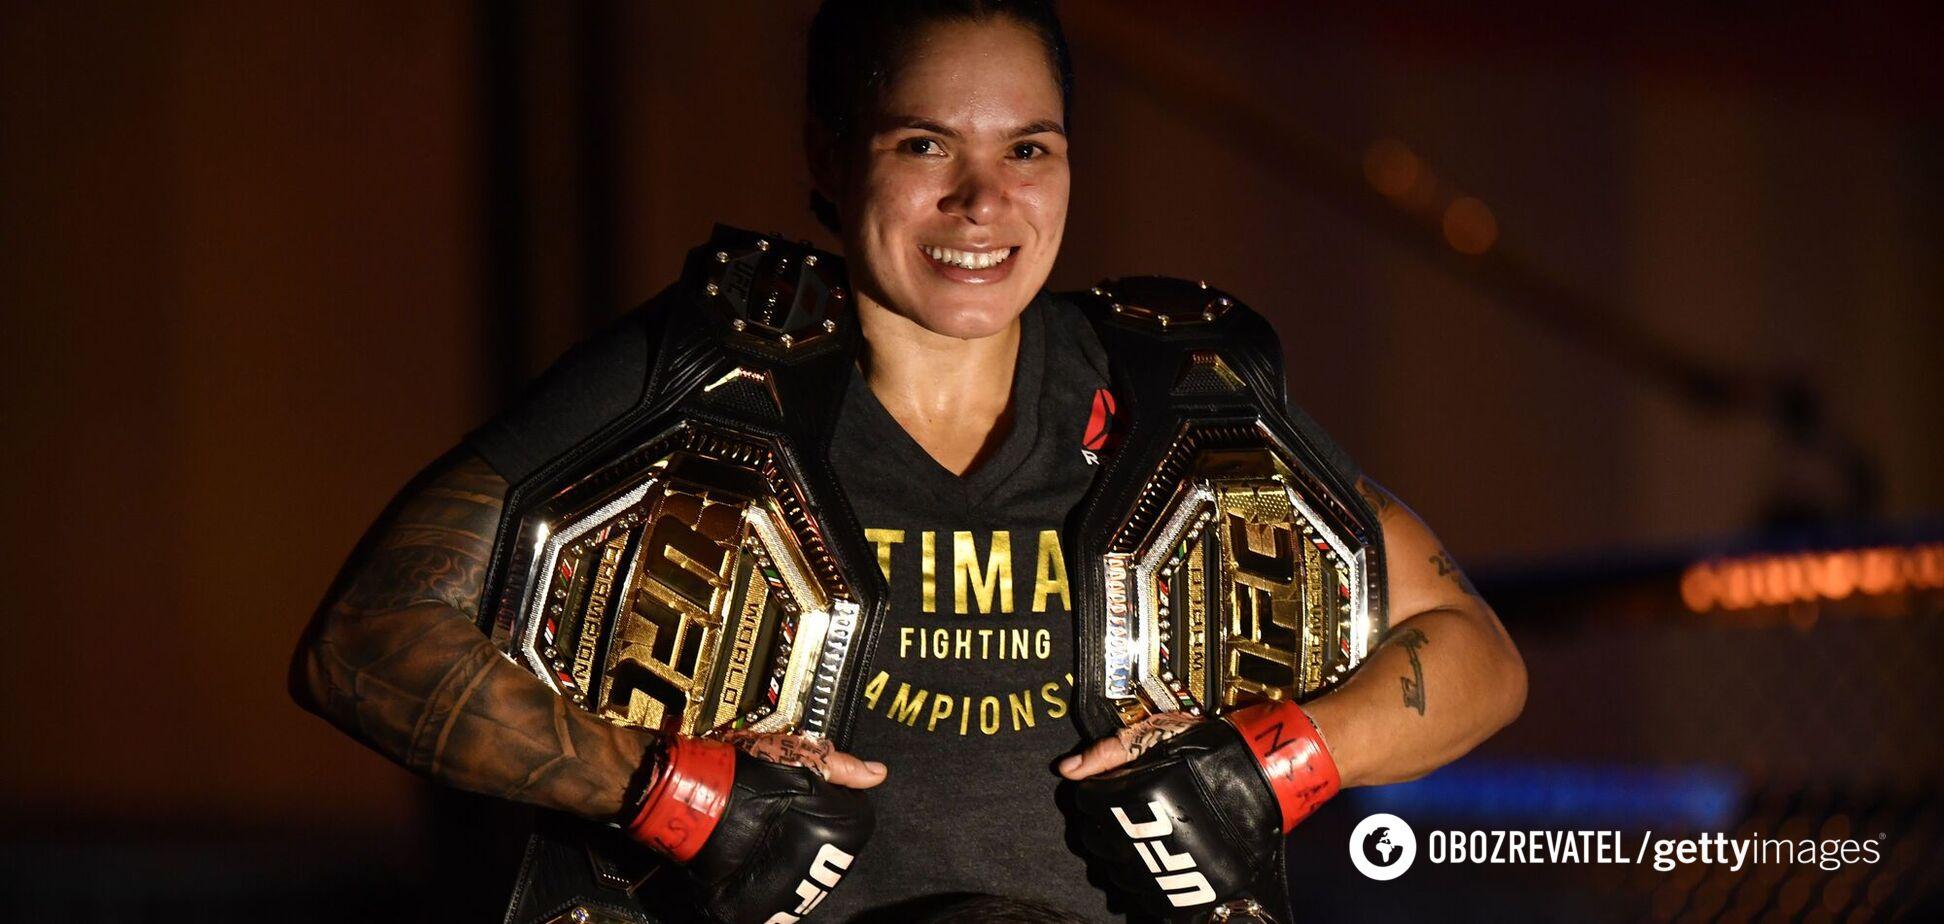 У чемпионки UFC и ее жены родился ребенок. Фотофакт